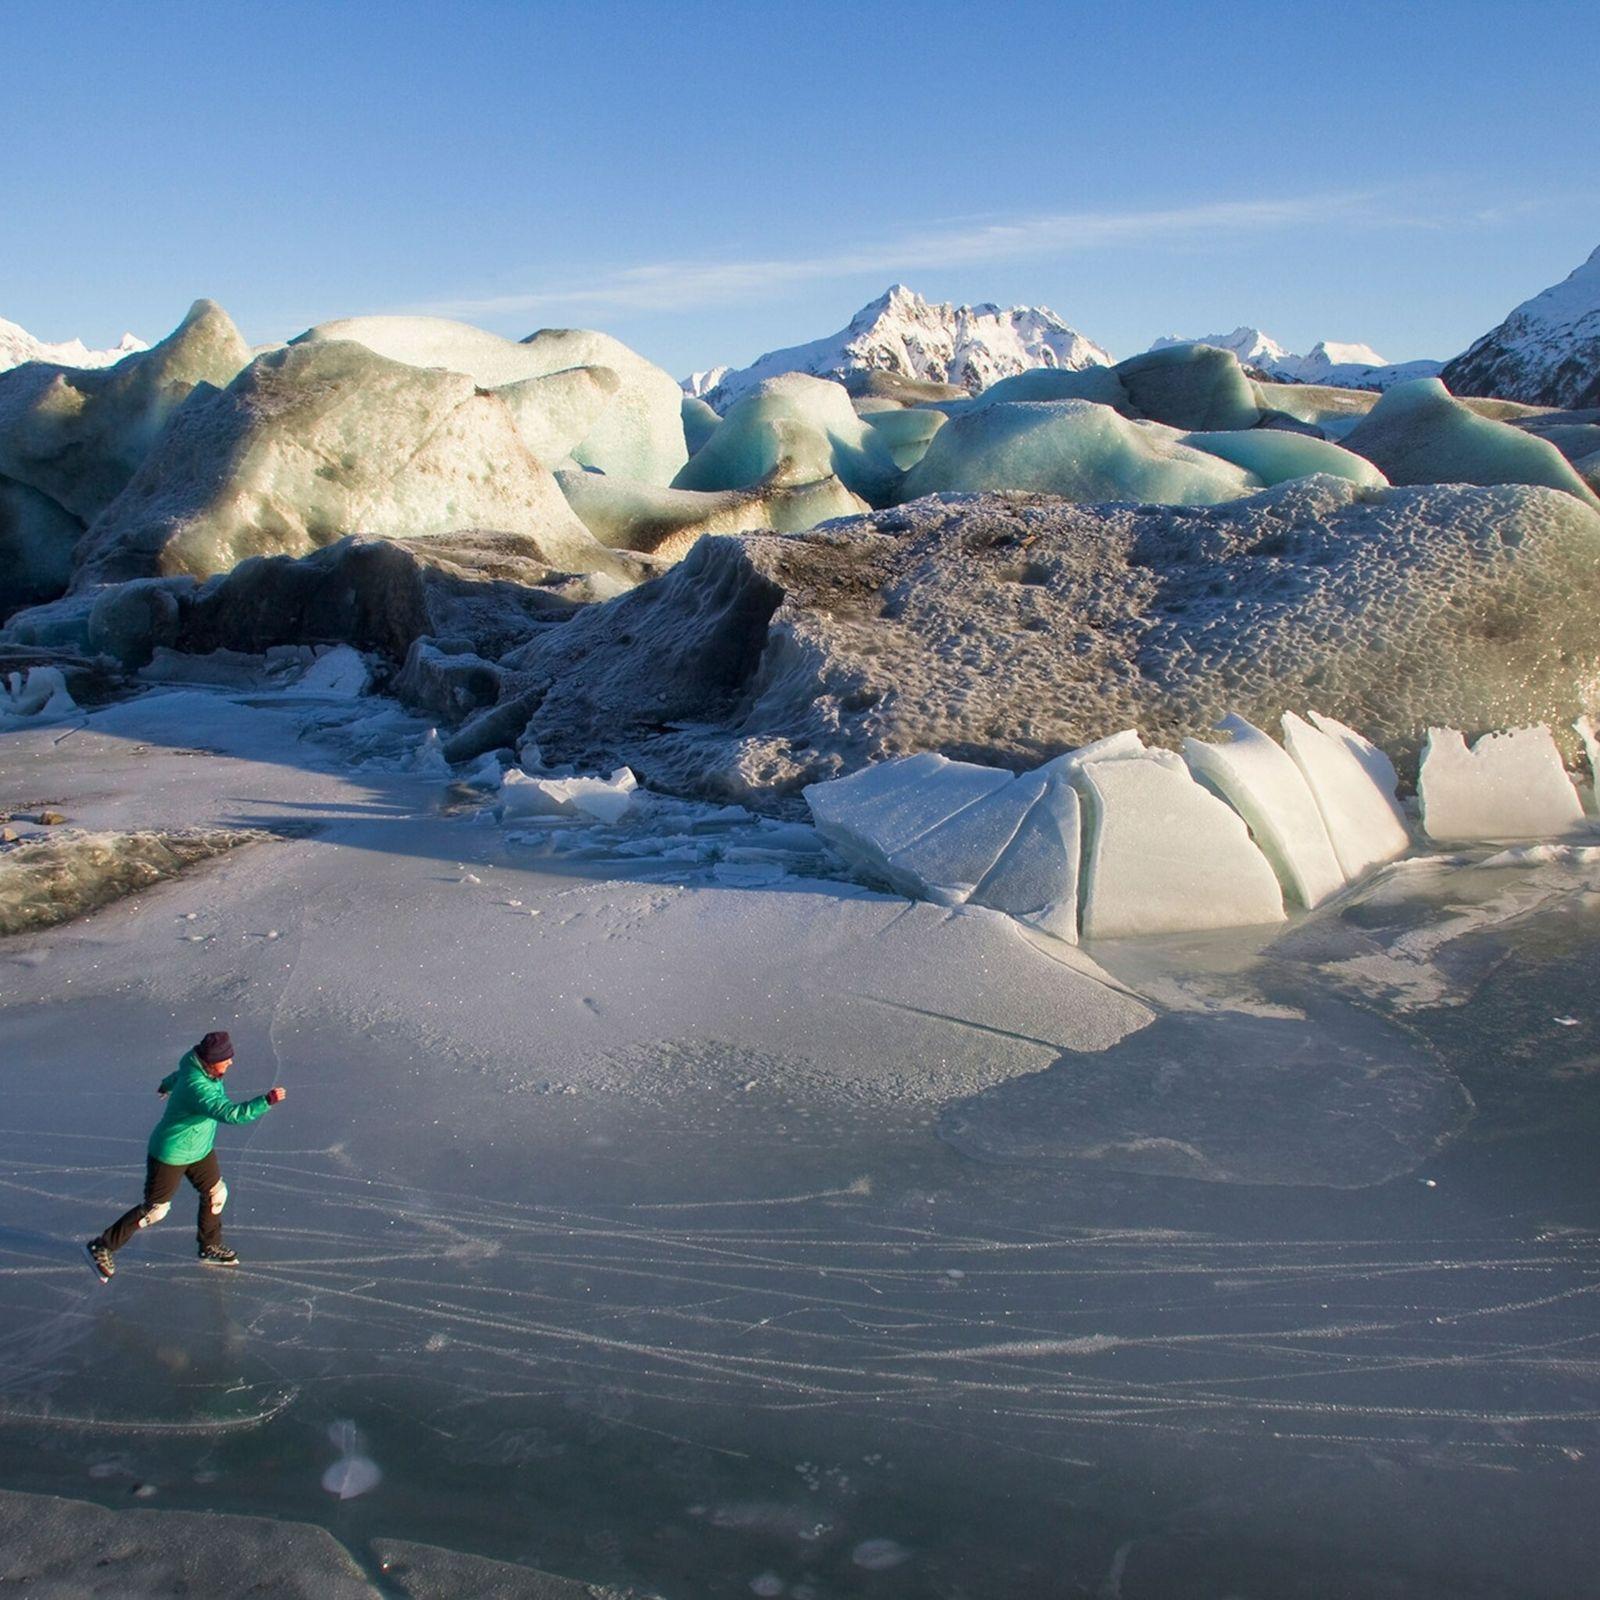 Una mujer patina sobre el hielo cerca del glaciar Sheridan